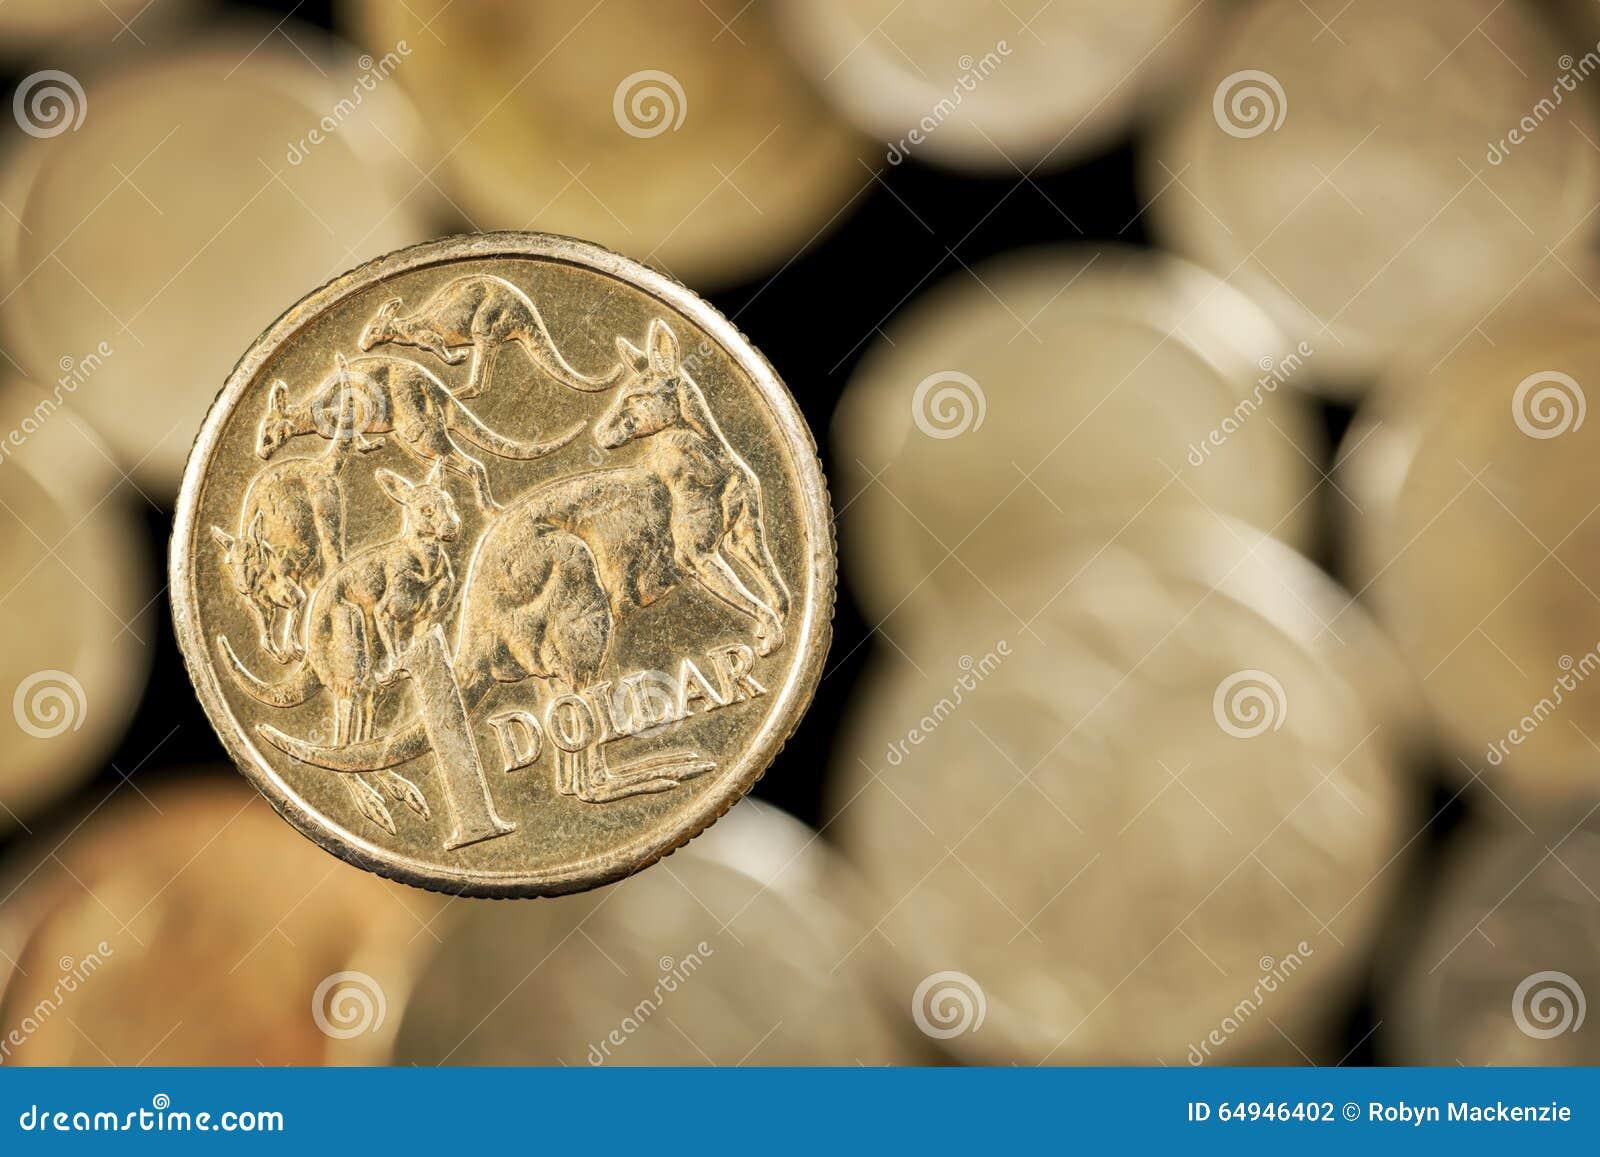 Australiano una moneda del dólar sobre fondo de oro borroso